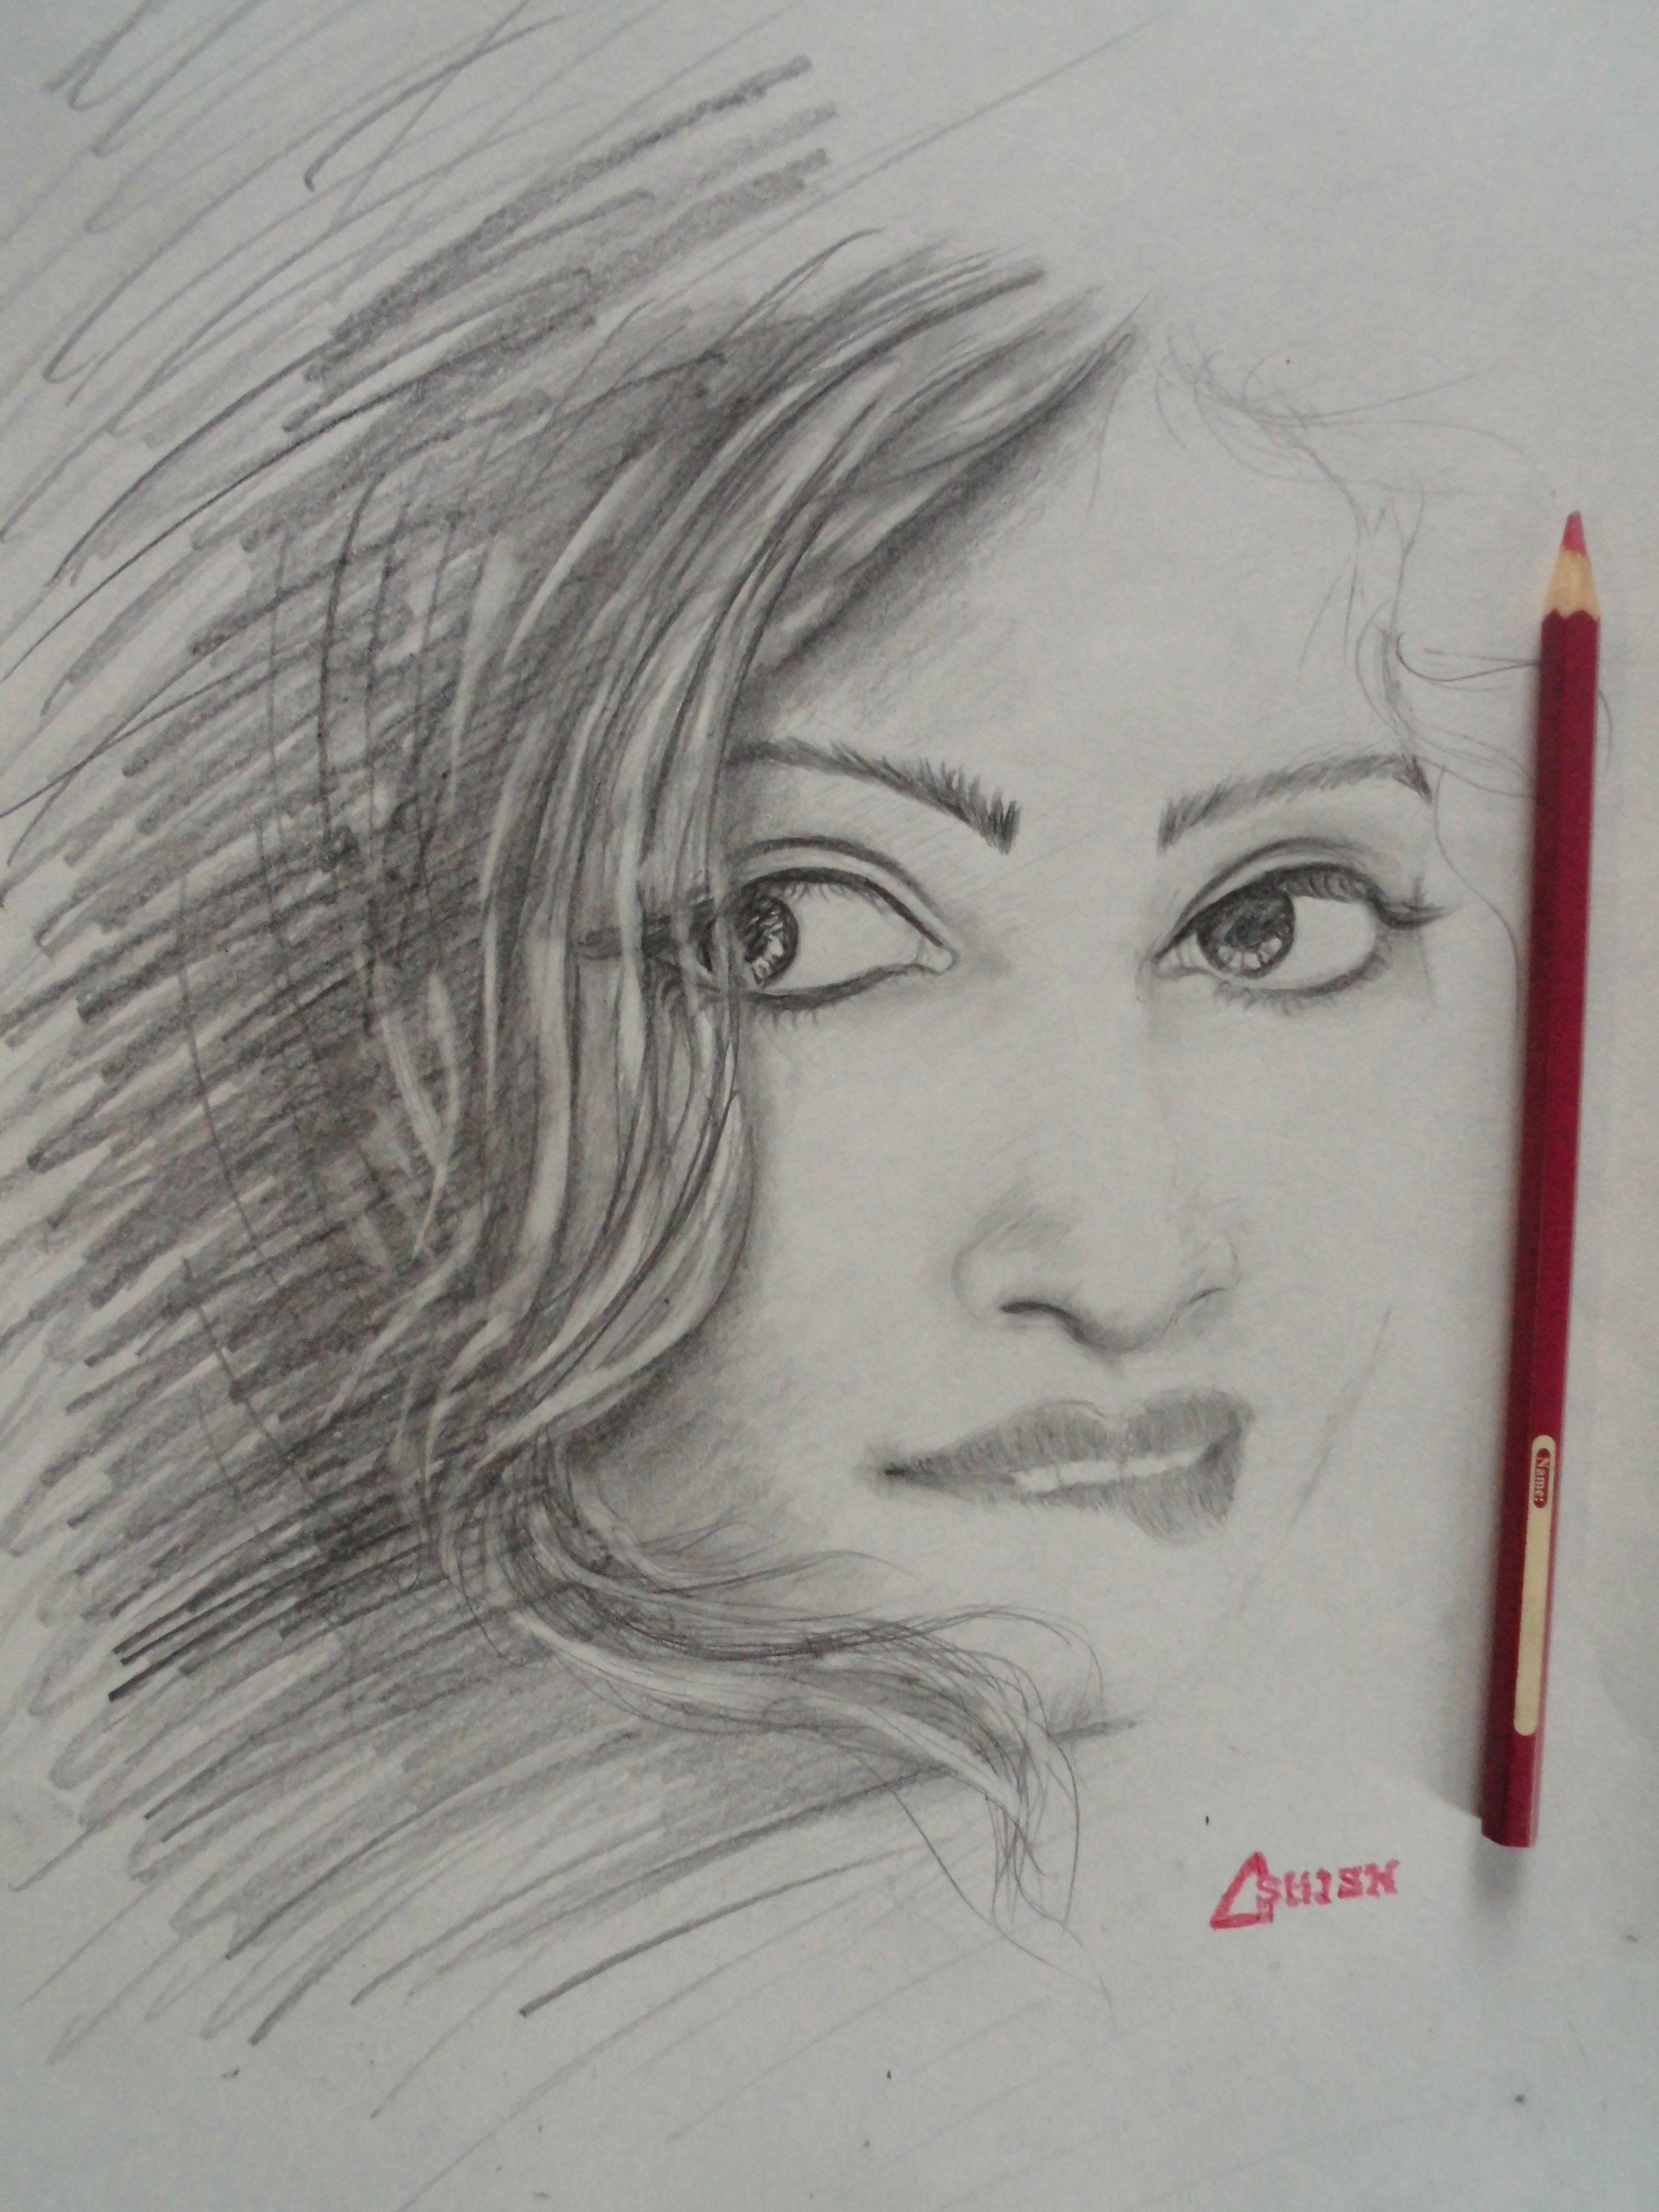 Pencil sketch by ashish baroy